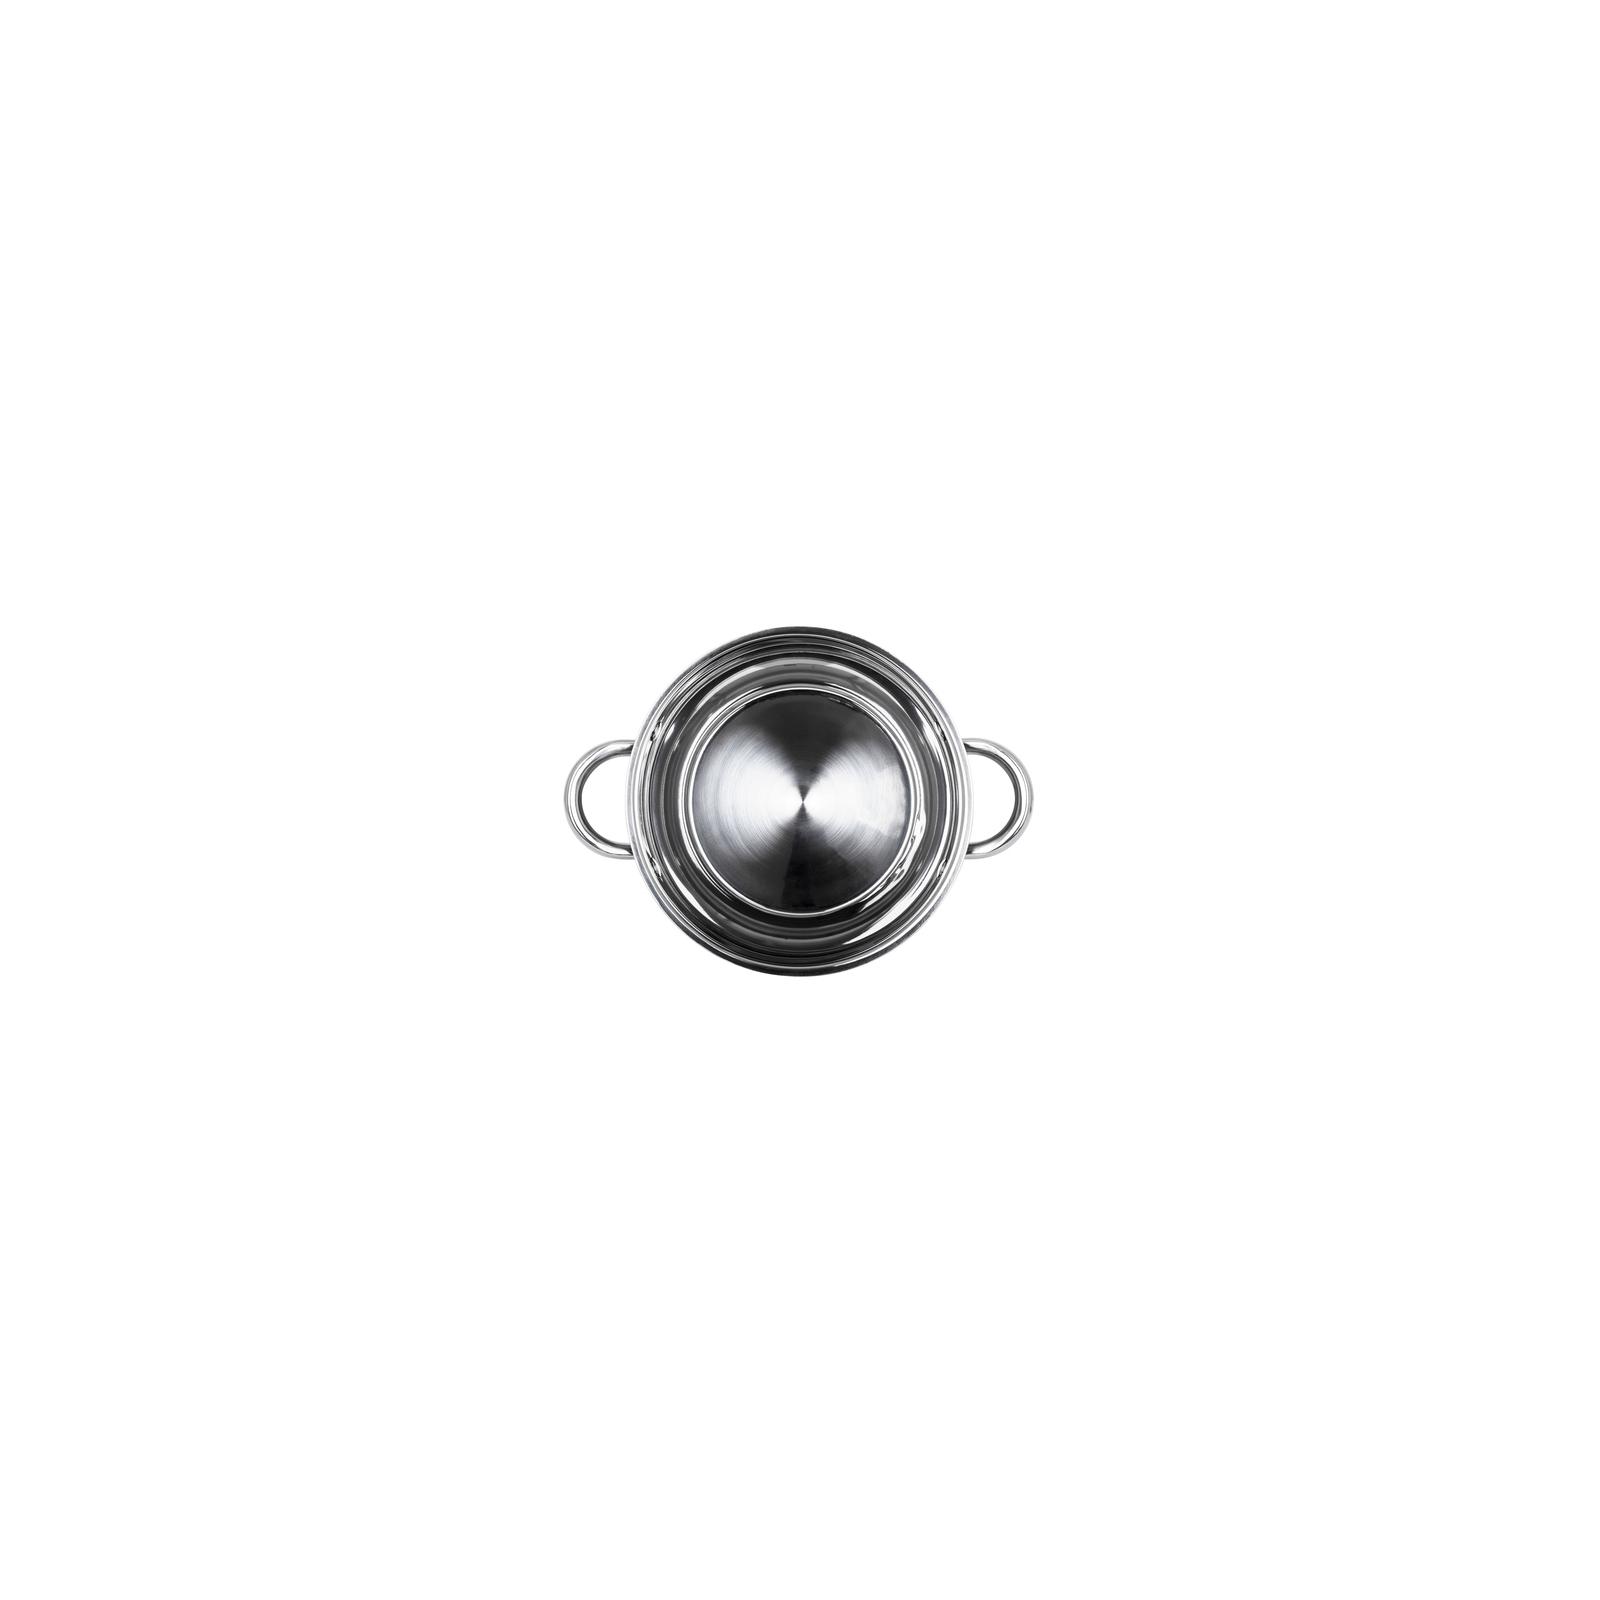 Кастрюля Ringel Brand с крышкой 2,5 л (RG-2012-18) изображение 4